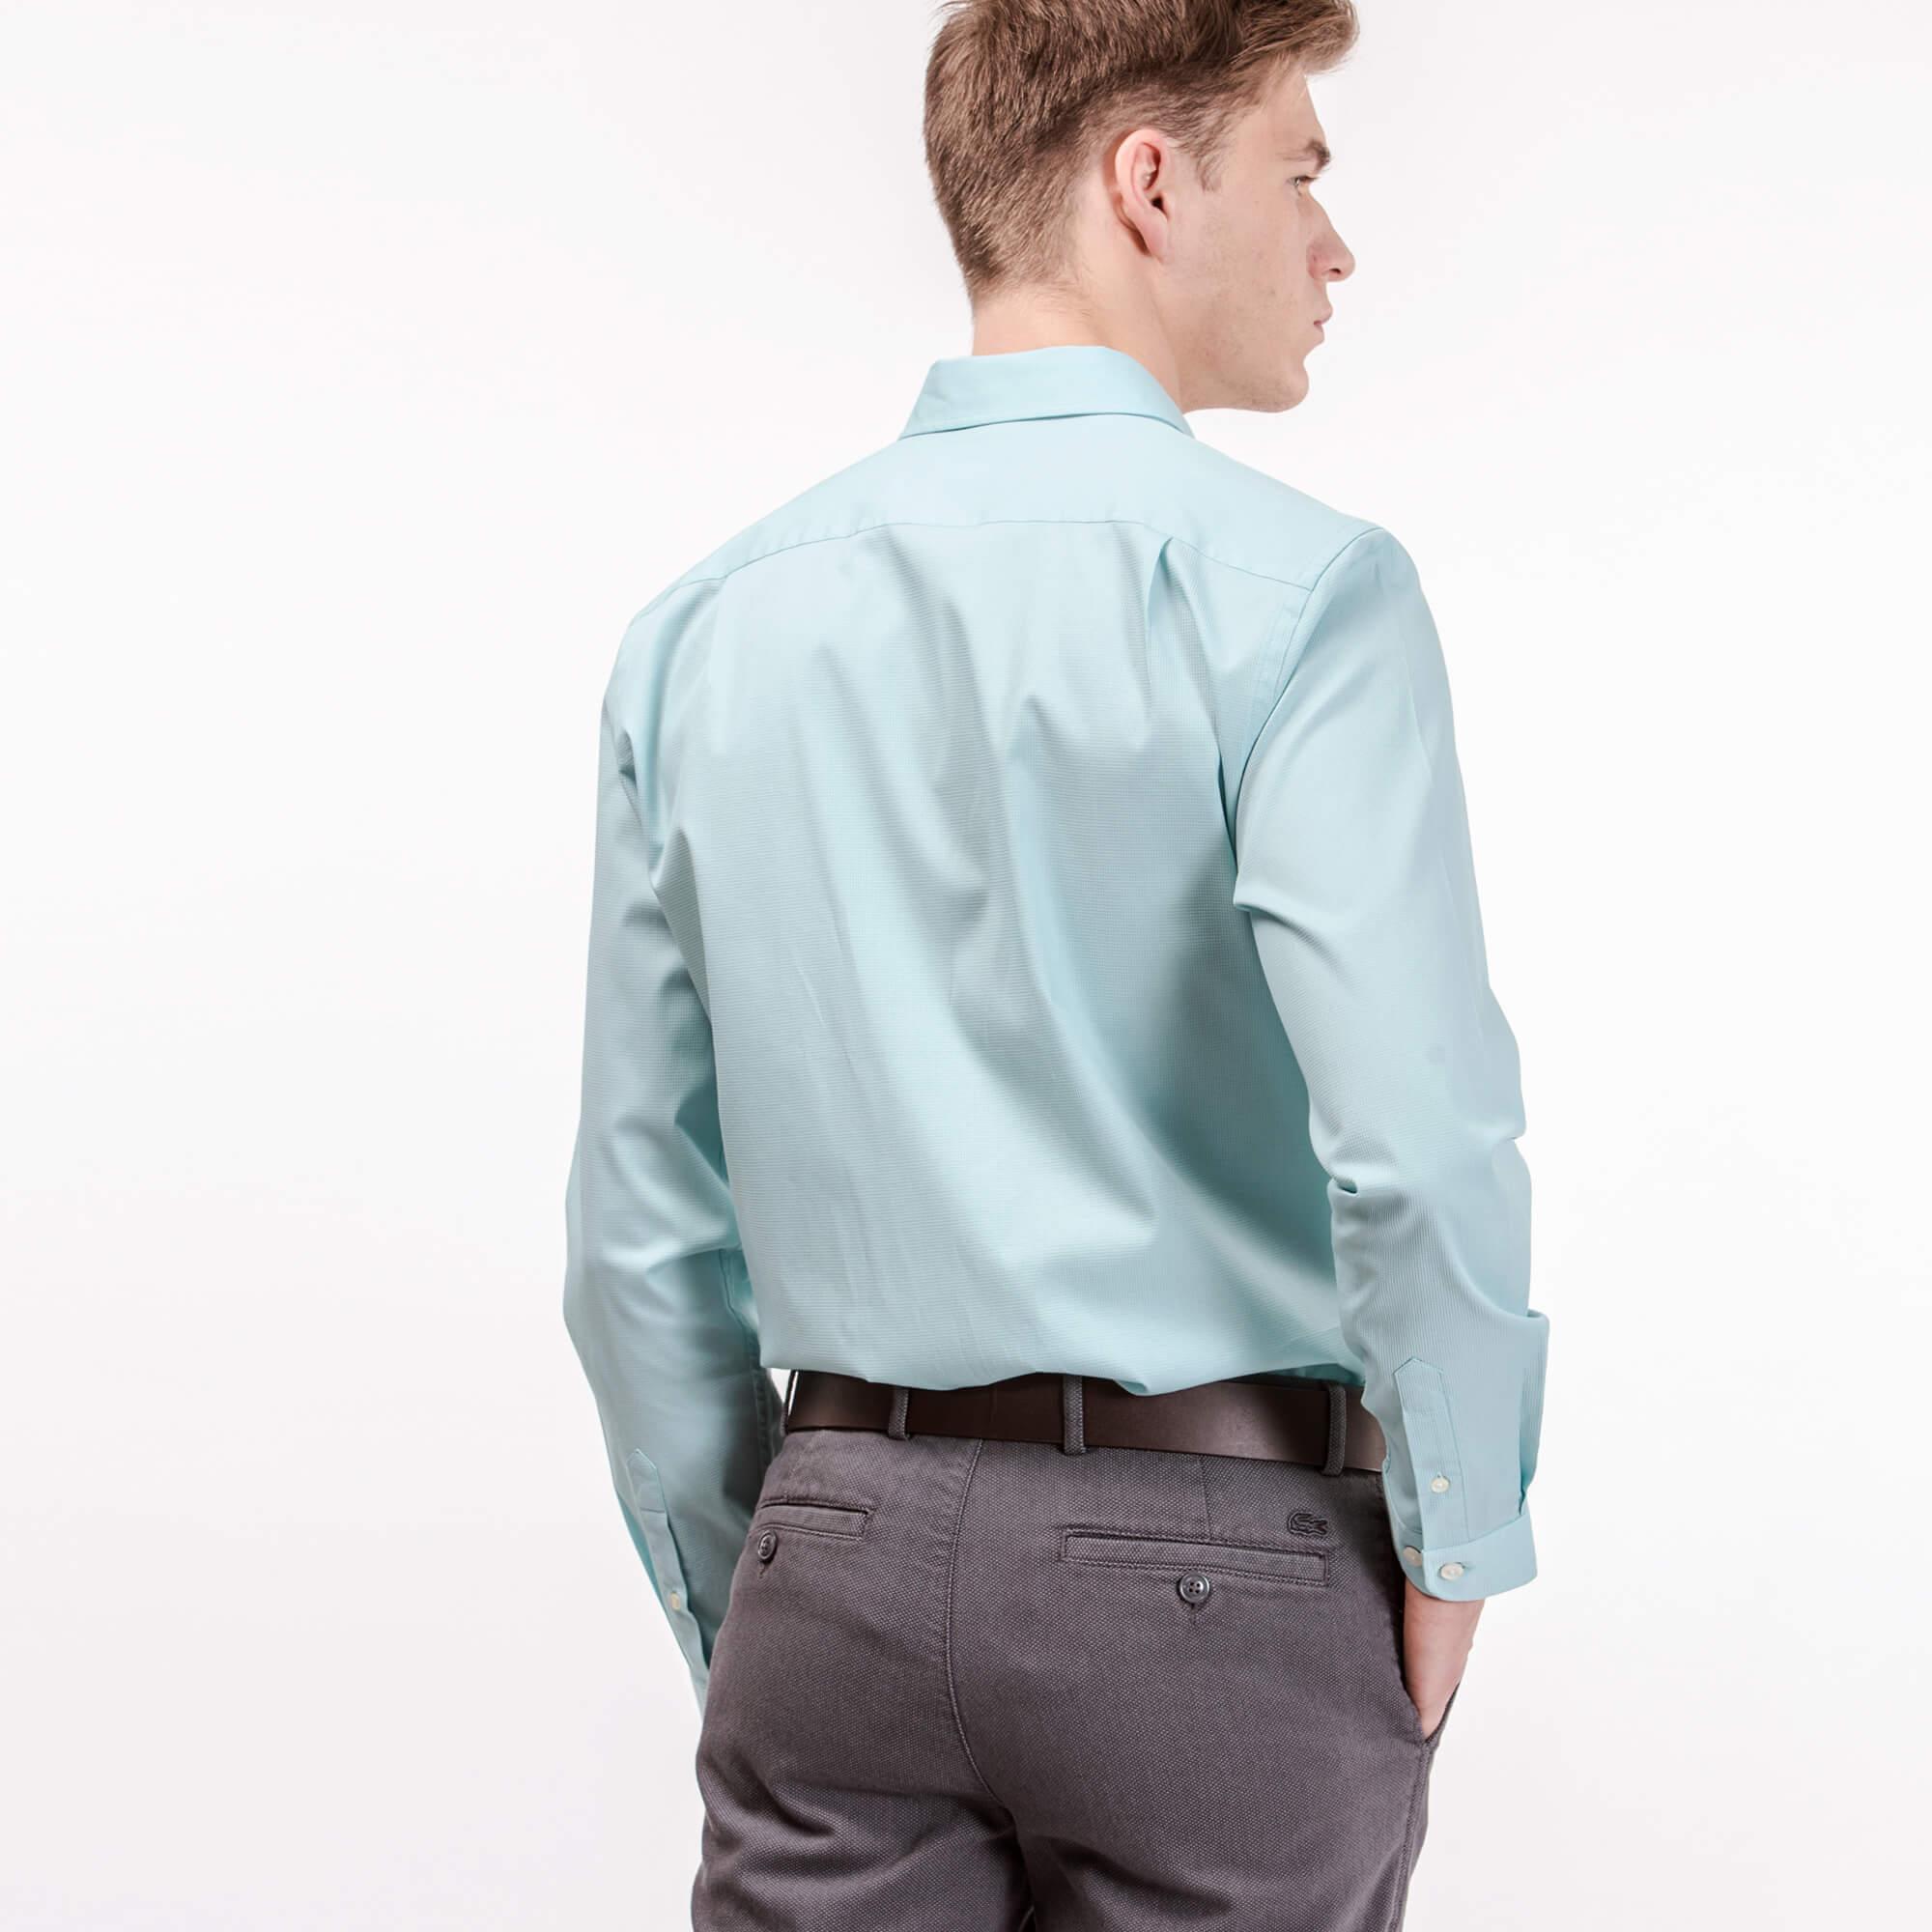 Lacoste Erkek Slim Fit Su Yeşili Gömlek